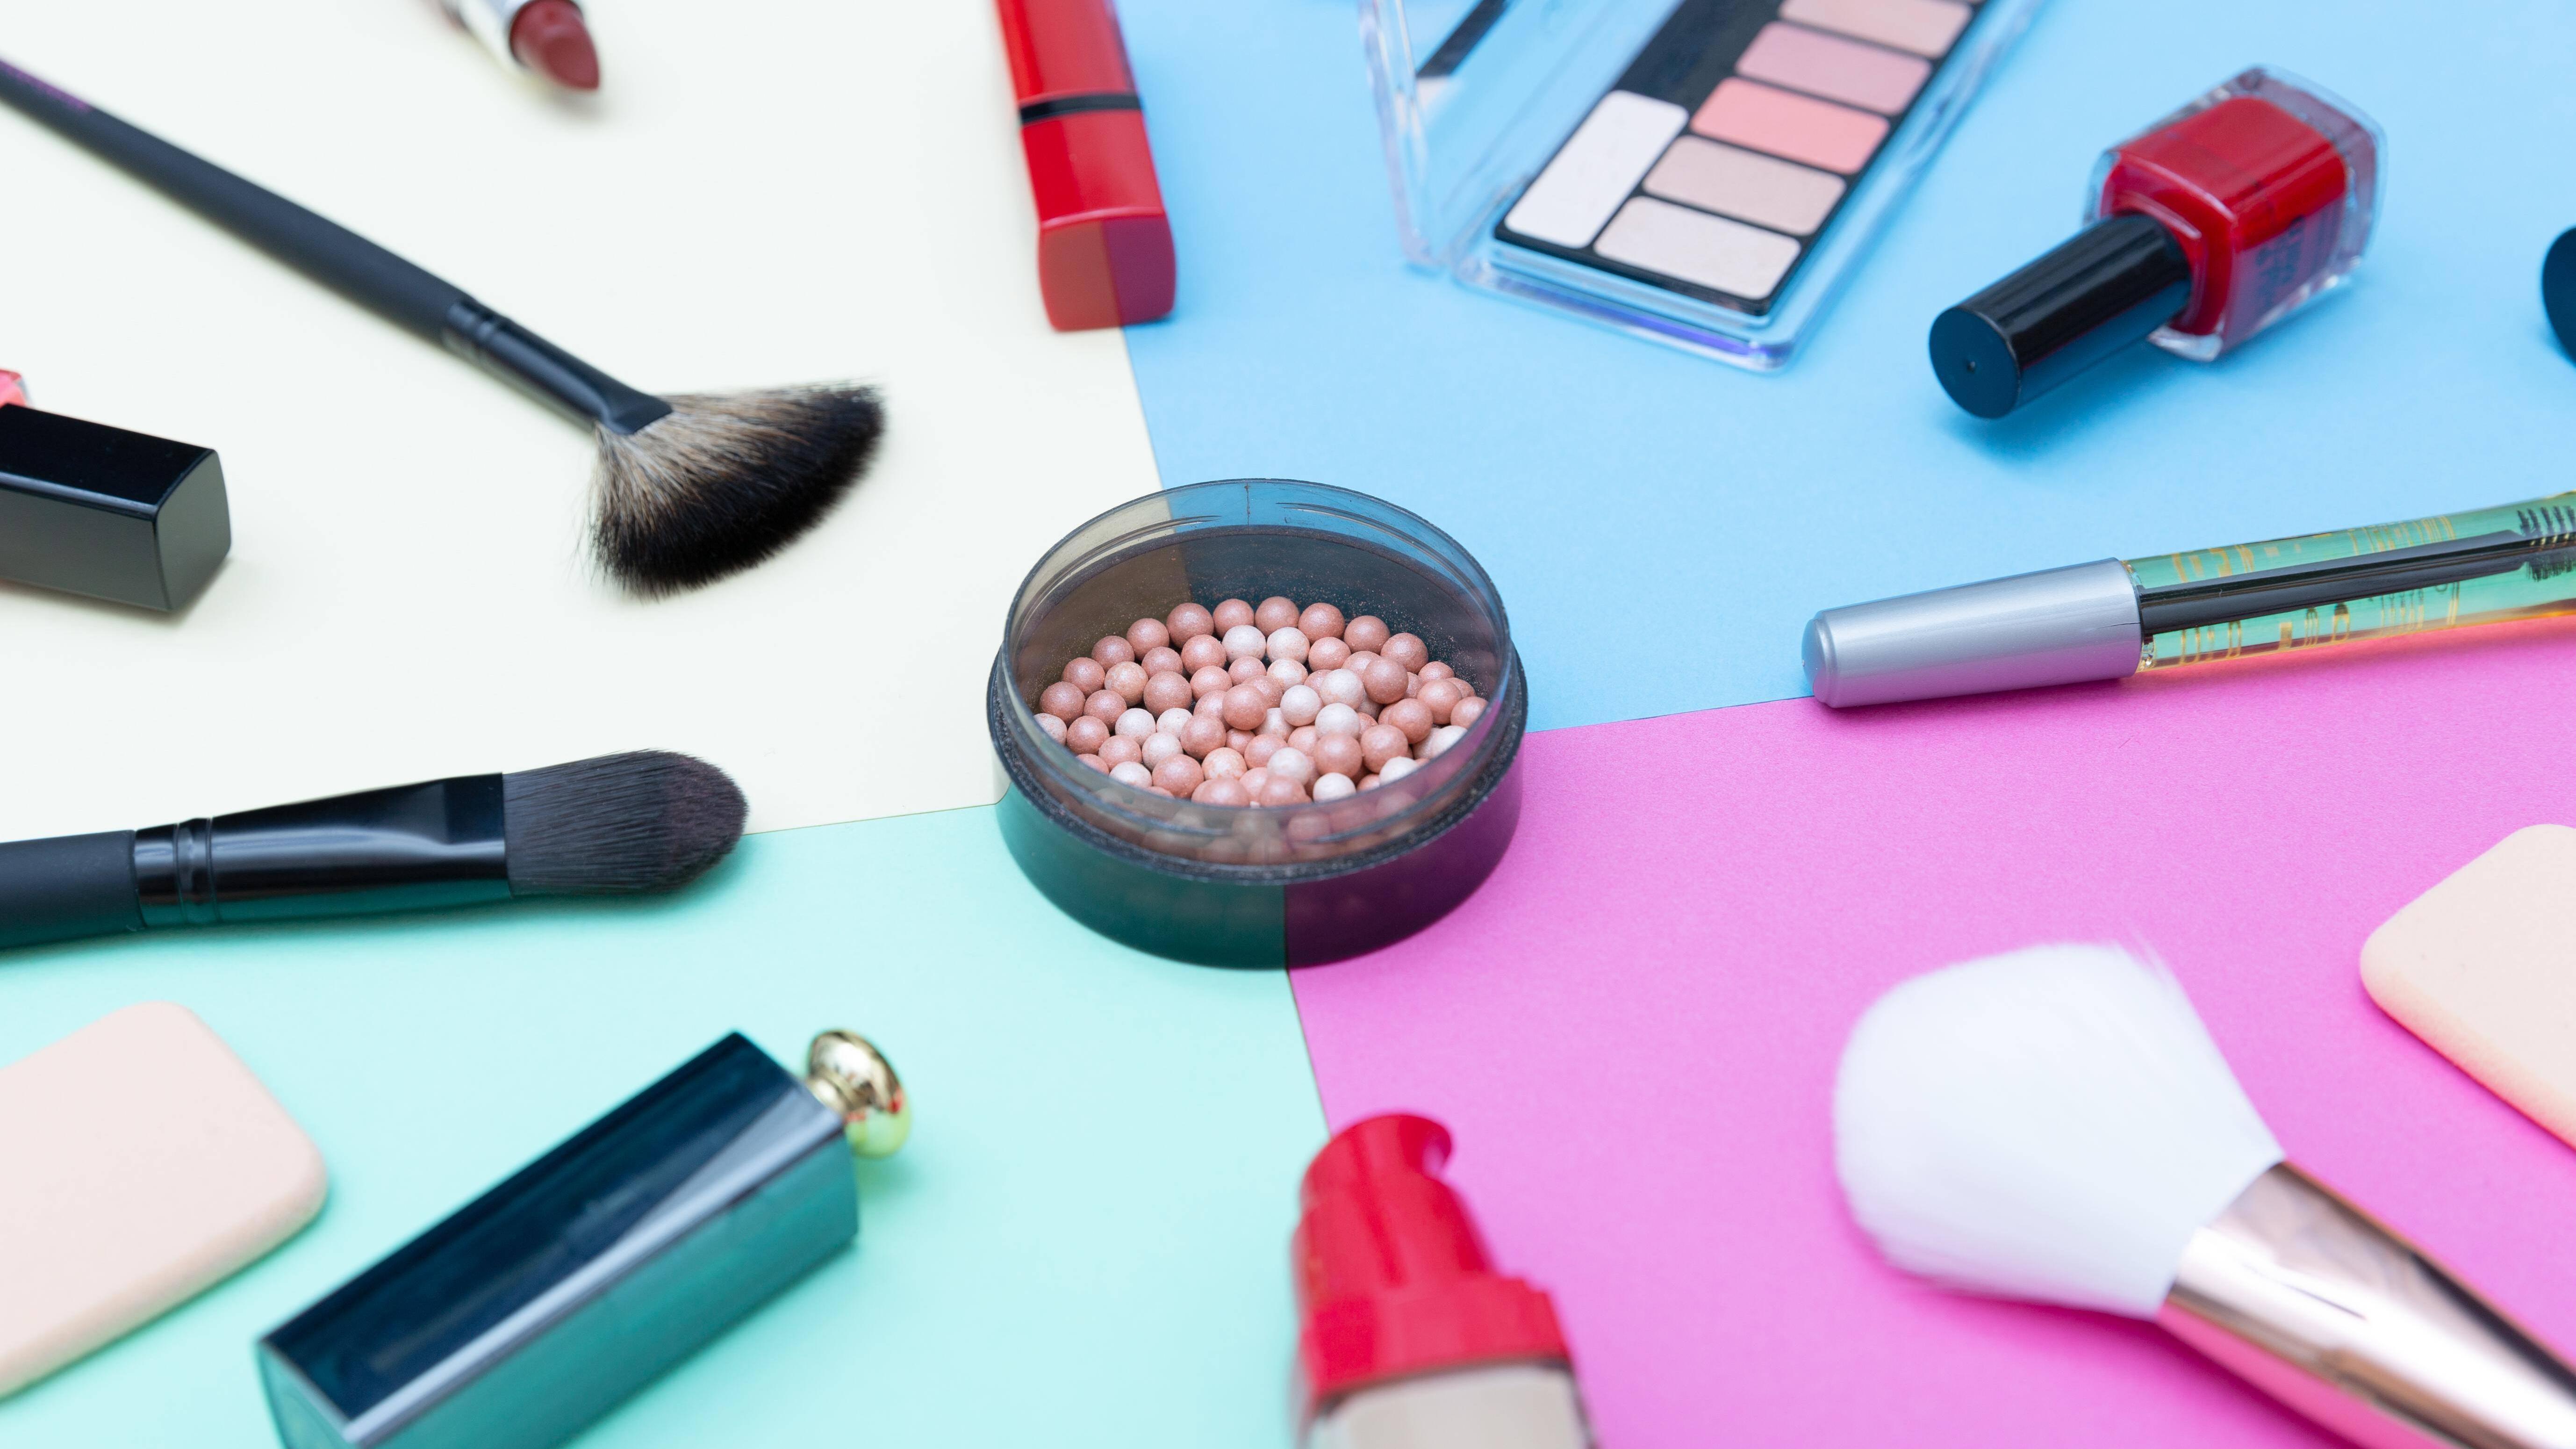 Haltbarkeit von Kosmetik: Wann Sie was wegwerfen sollten